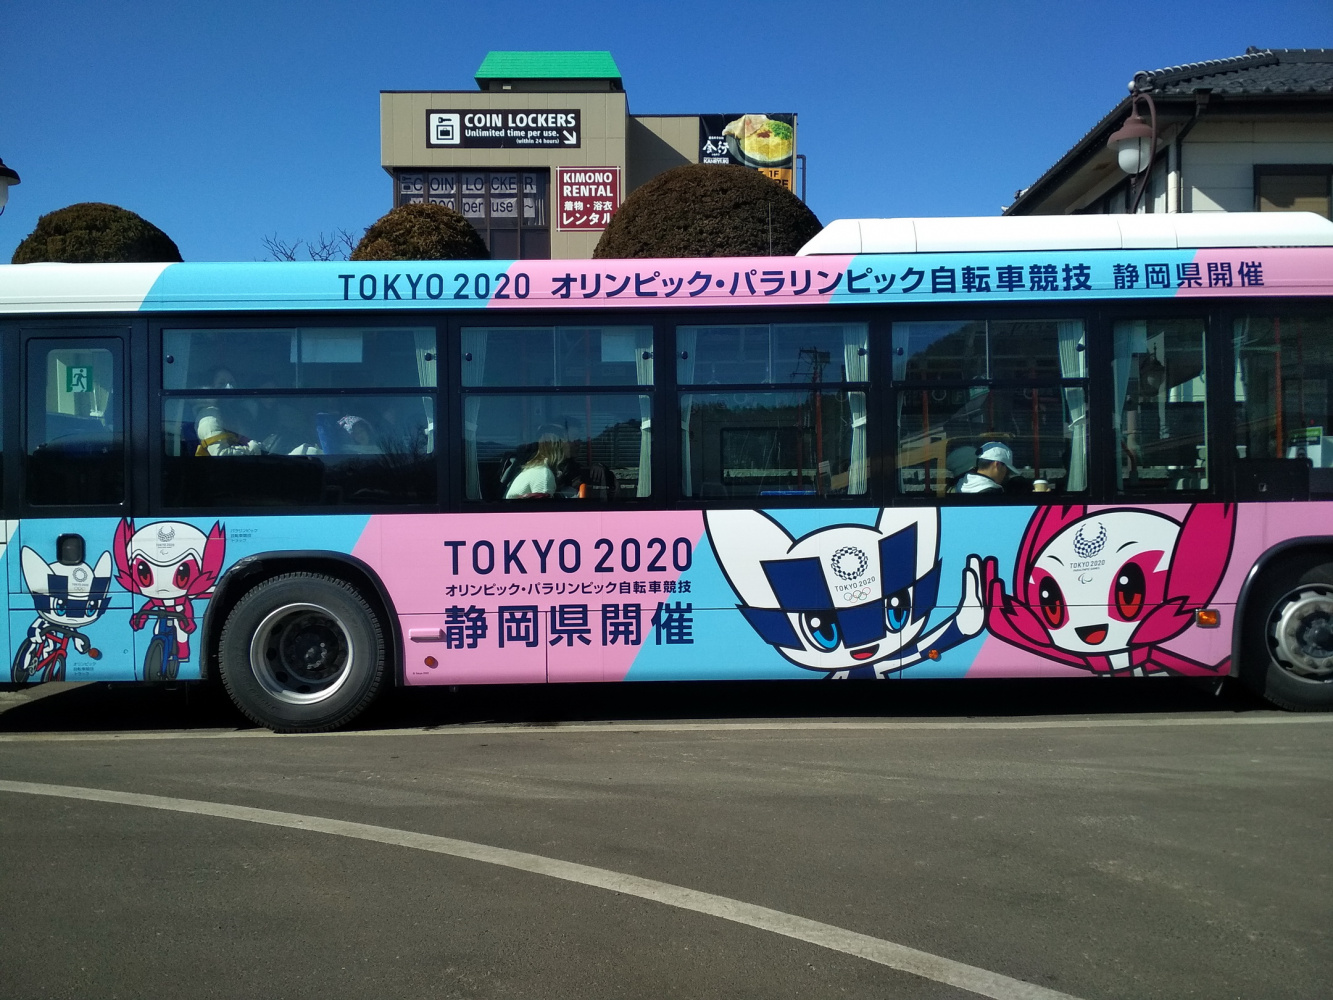 Япония, сим-сим, откройся! Мечты 2021 года.